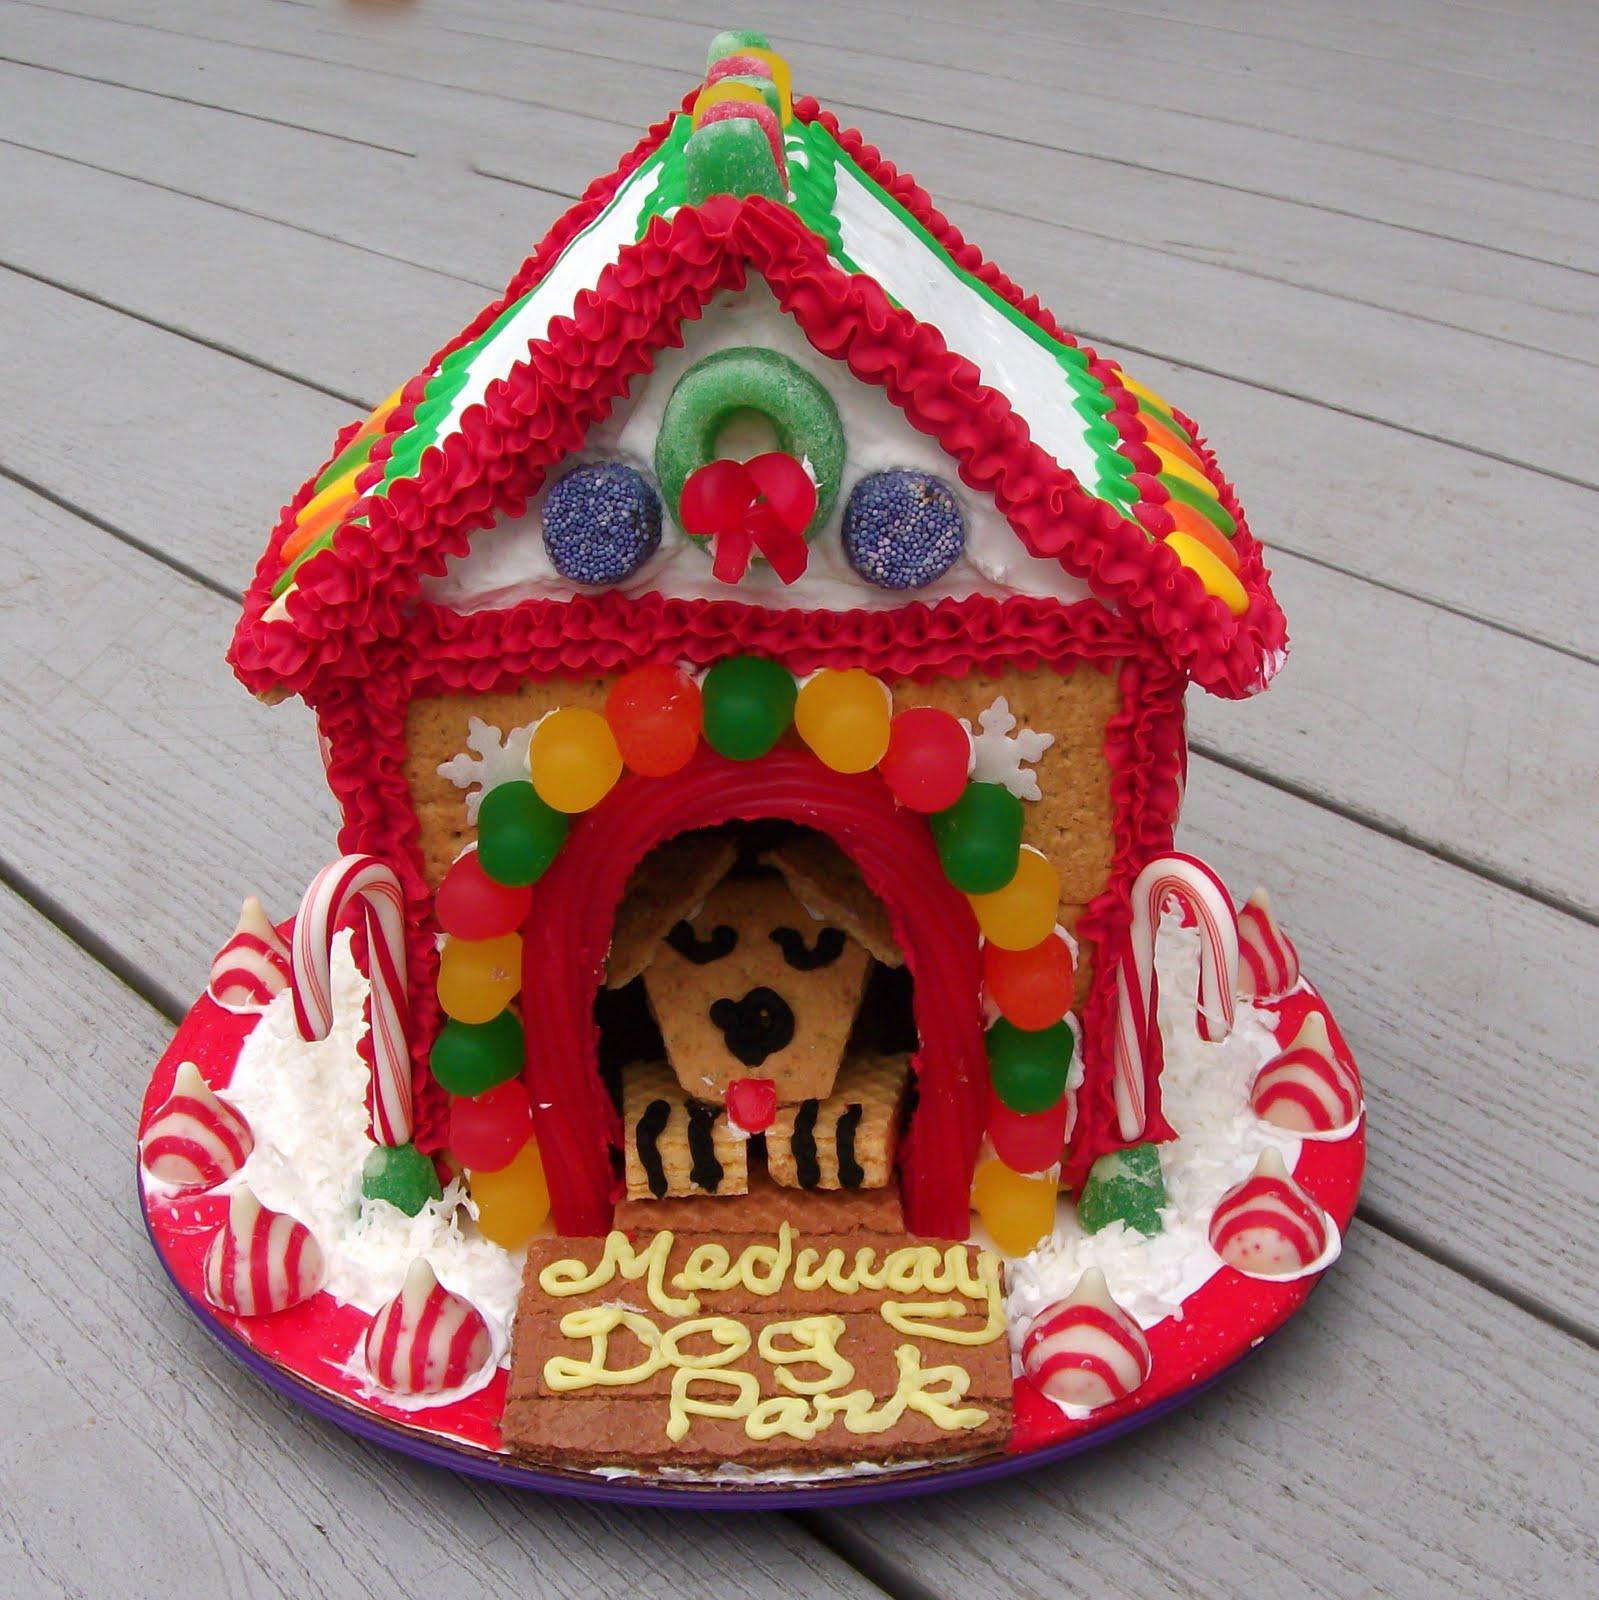 Graham Cracker Dog Houses